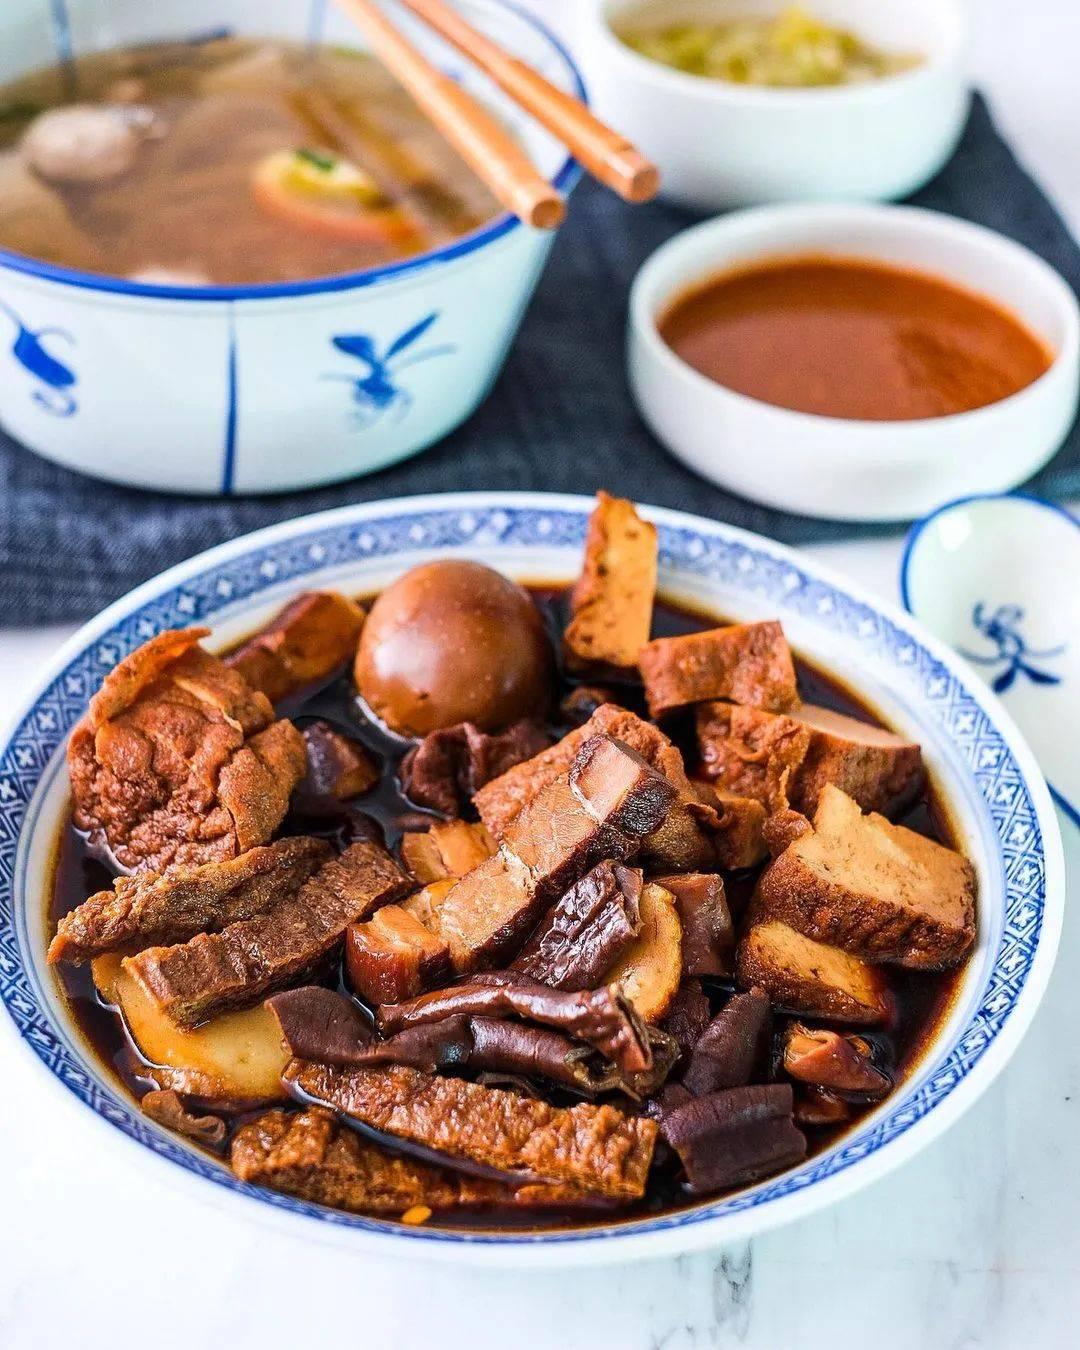 狮城MRT美食 宏茂桥隐藏美食合集,烤肉、日料、泰餐,周末逛吃路线get